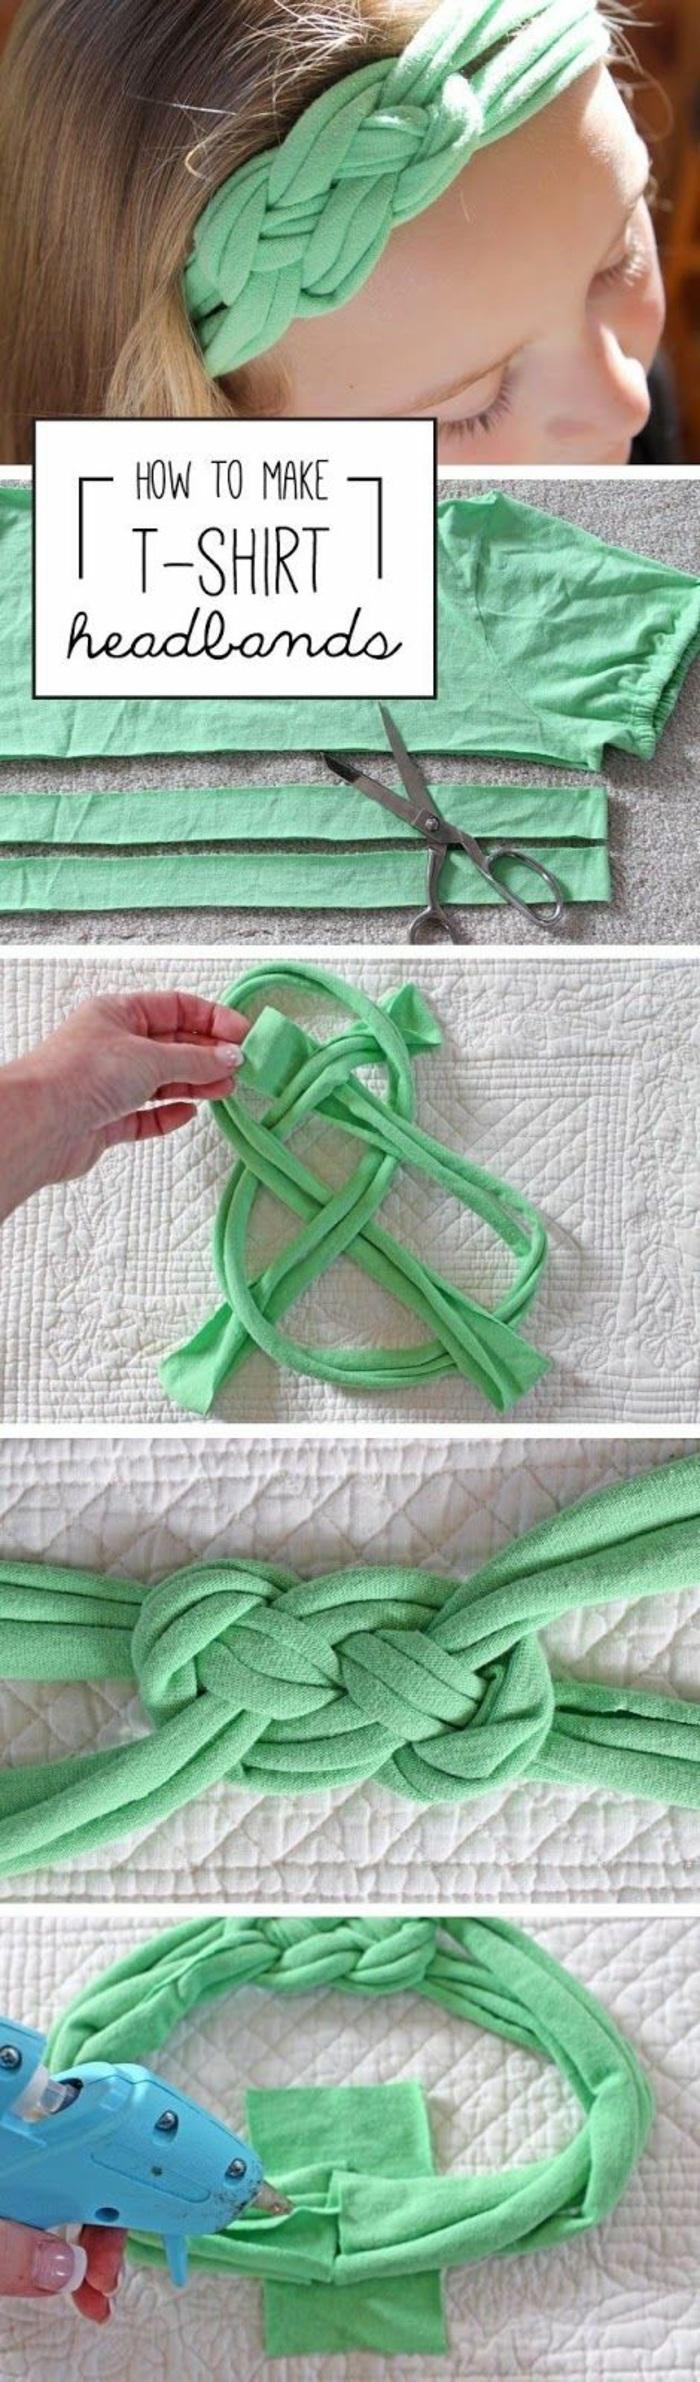 kopfband aus grünem stoff selber machen, heißklebepistole, kleines mädchen